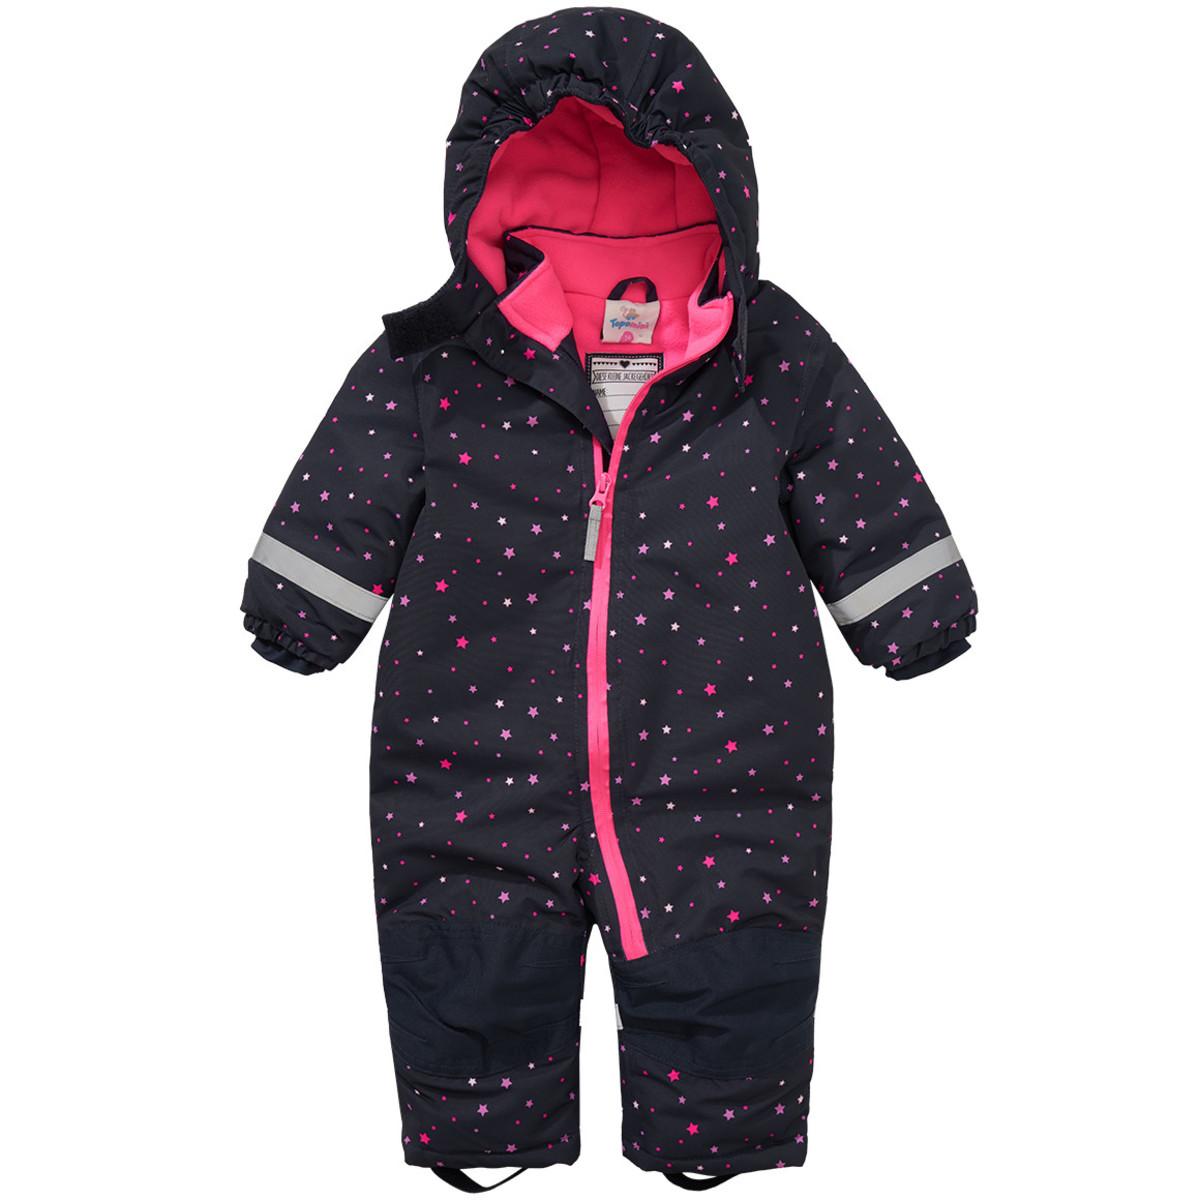 Bild 1 von Baby Schneeoverall mit Sternen-Print